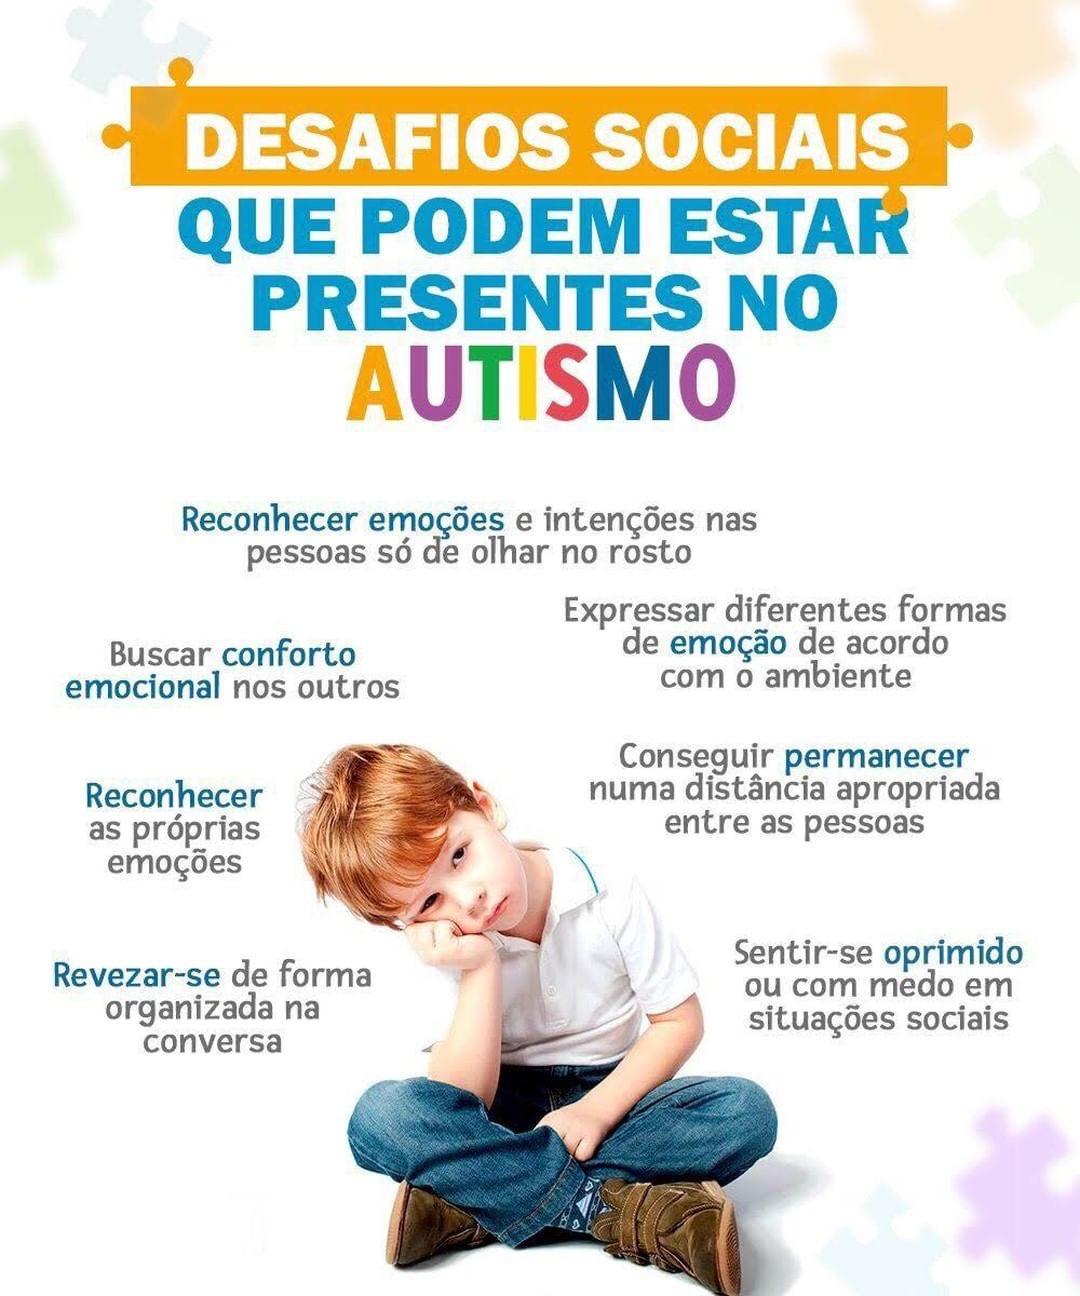 sintomas do autismo, transtorno do espectro autista